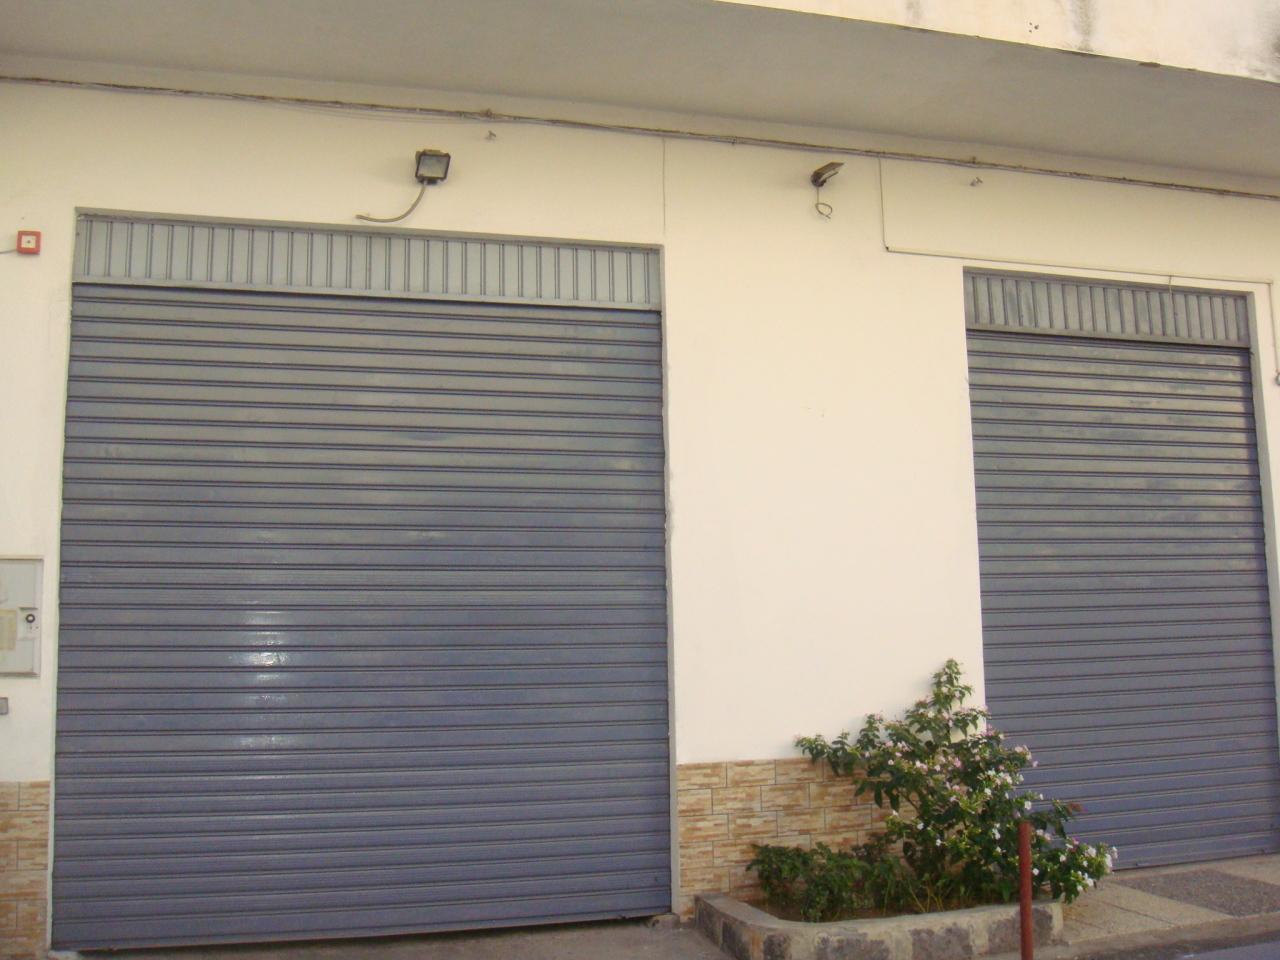 Magazzino in vendita a Reggio Calabria, 1 locali, prezzo € 170.000 | Cambio Casa.it